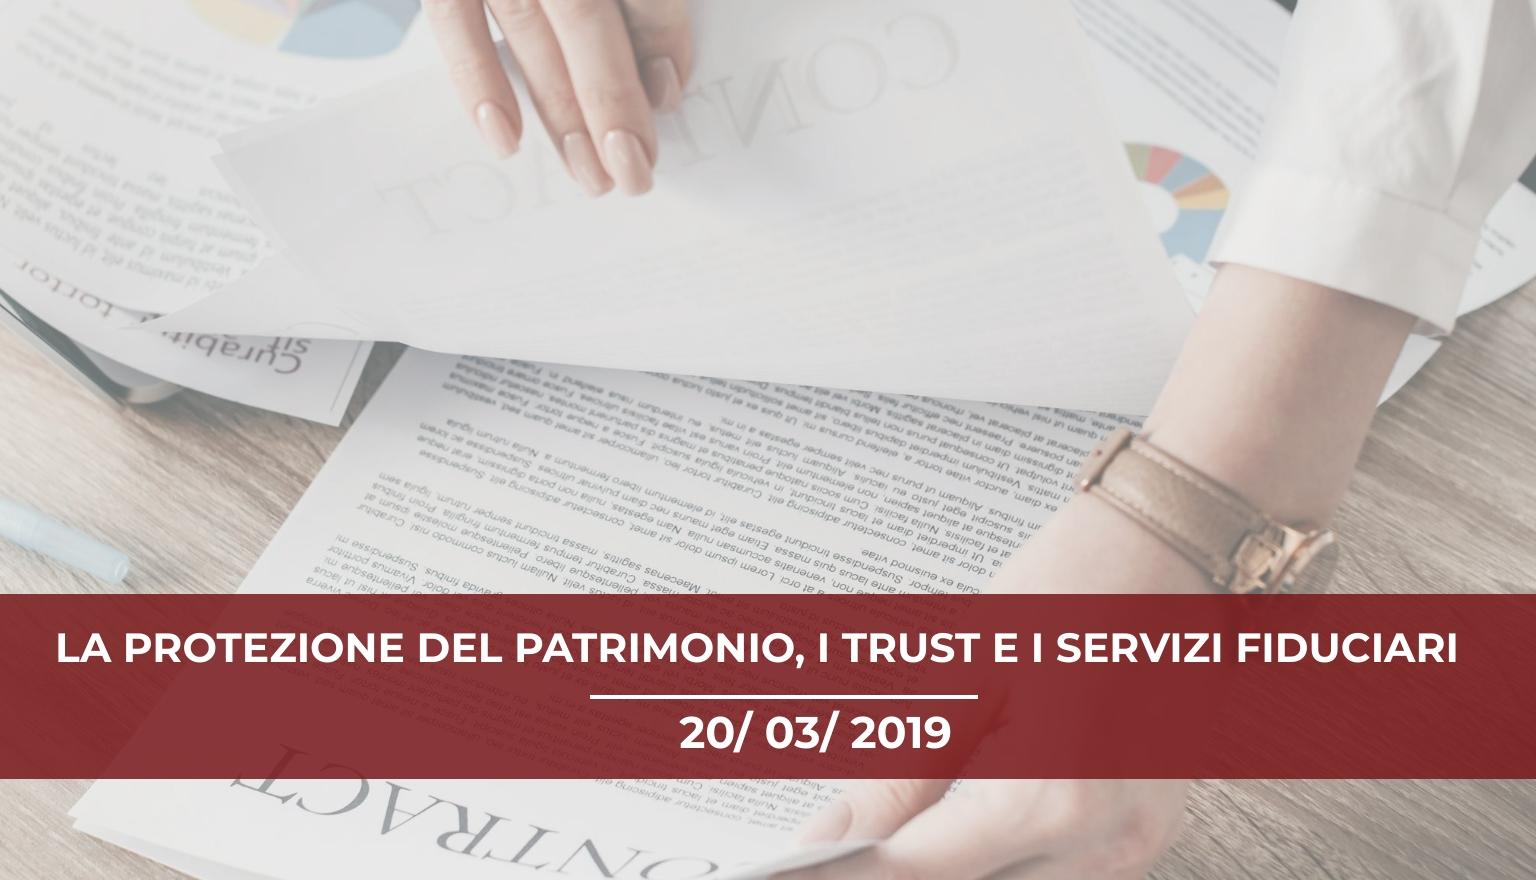 la-protezione-del-patrimonio-i-trust-e-i-servizi-fiduciari